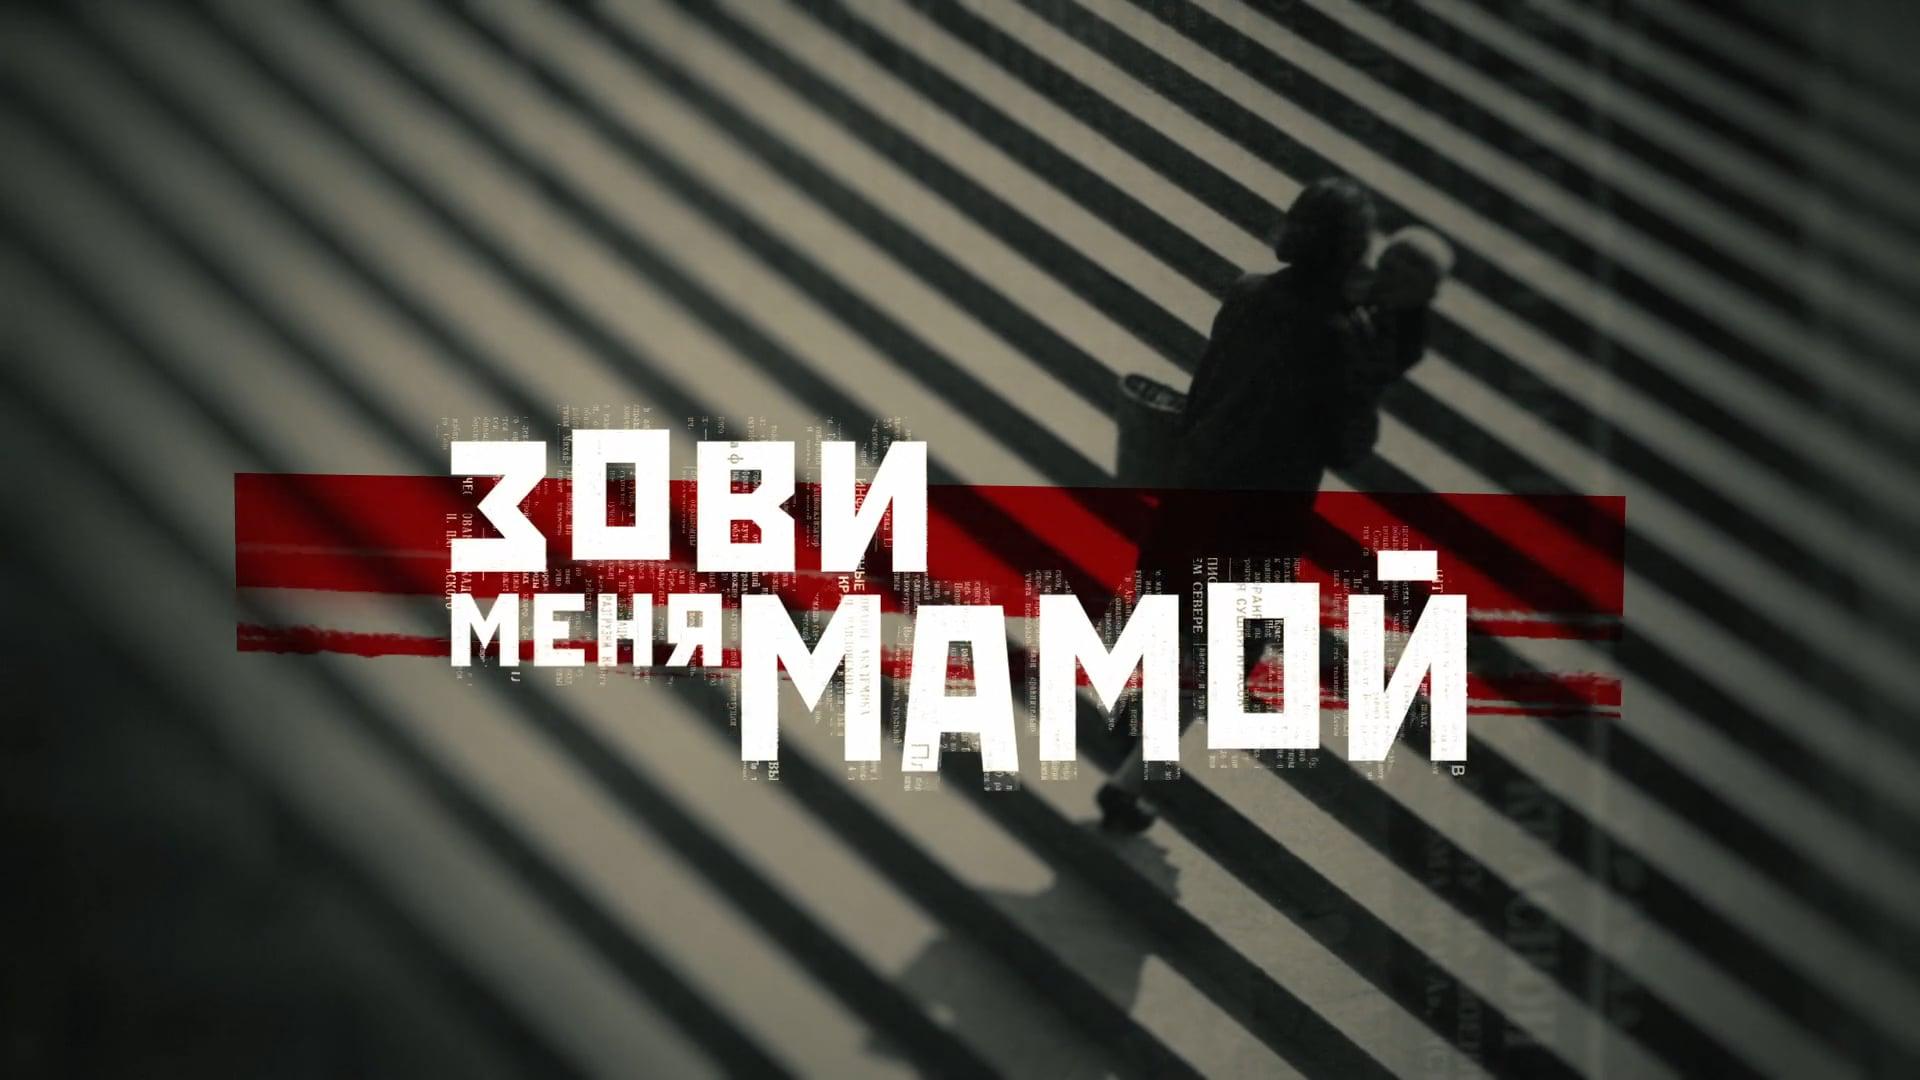 Call Me Mama